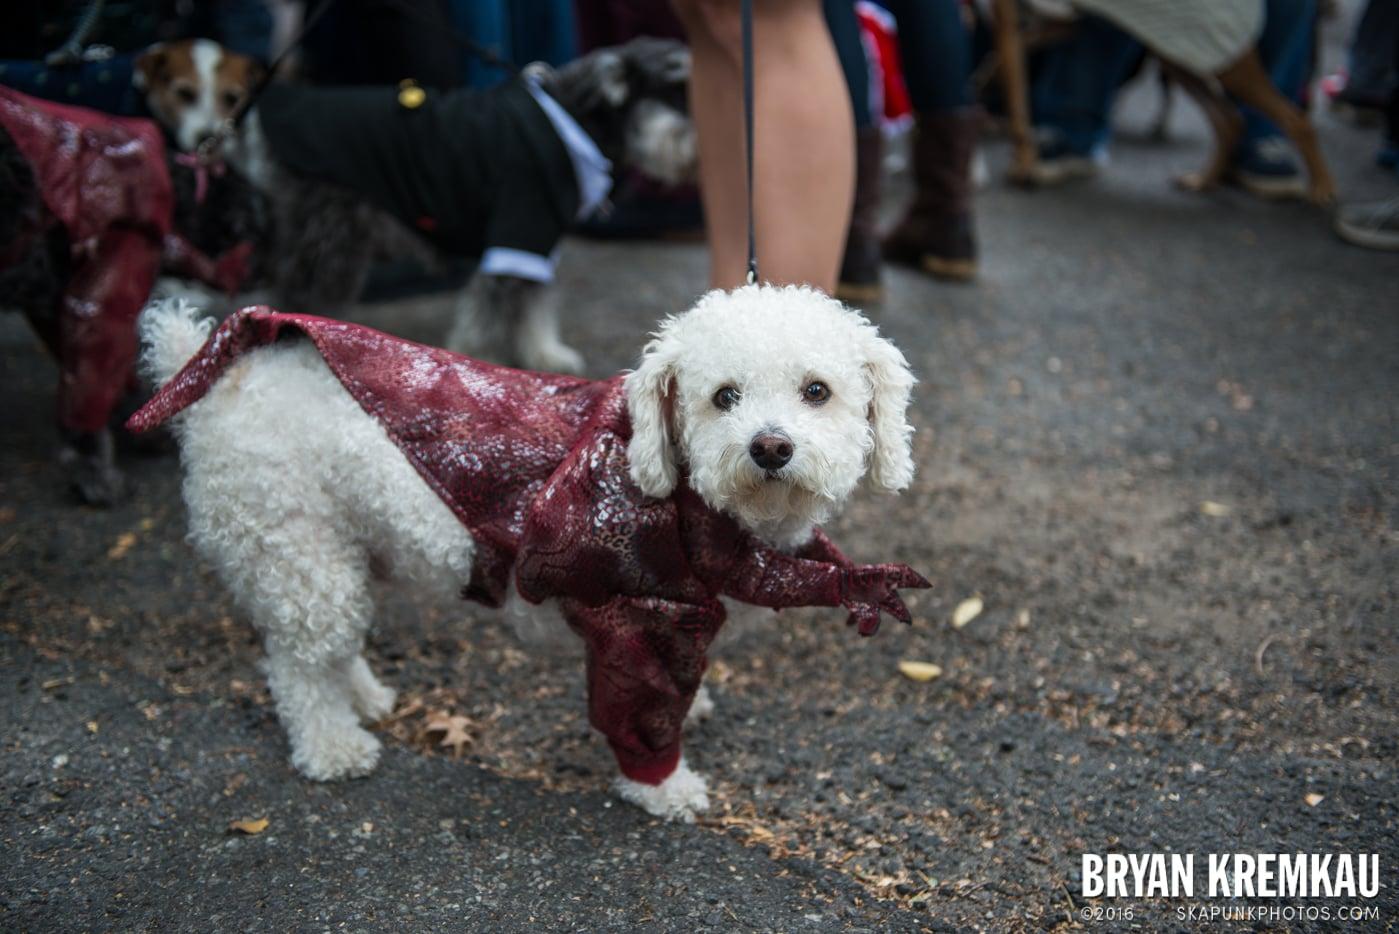 Tompkins Square Halloween Dog Parade 2015 @ Tompkins Square Park, NYC – 10.24.15 (29)